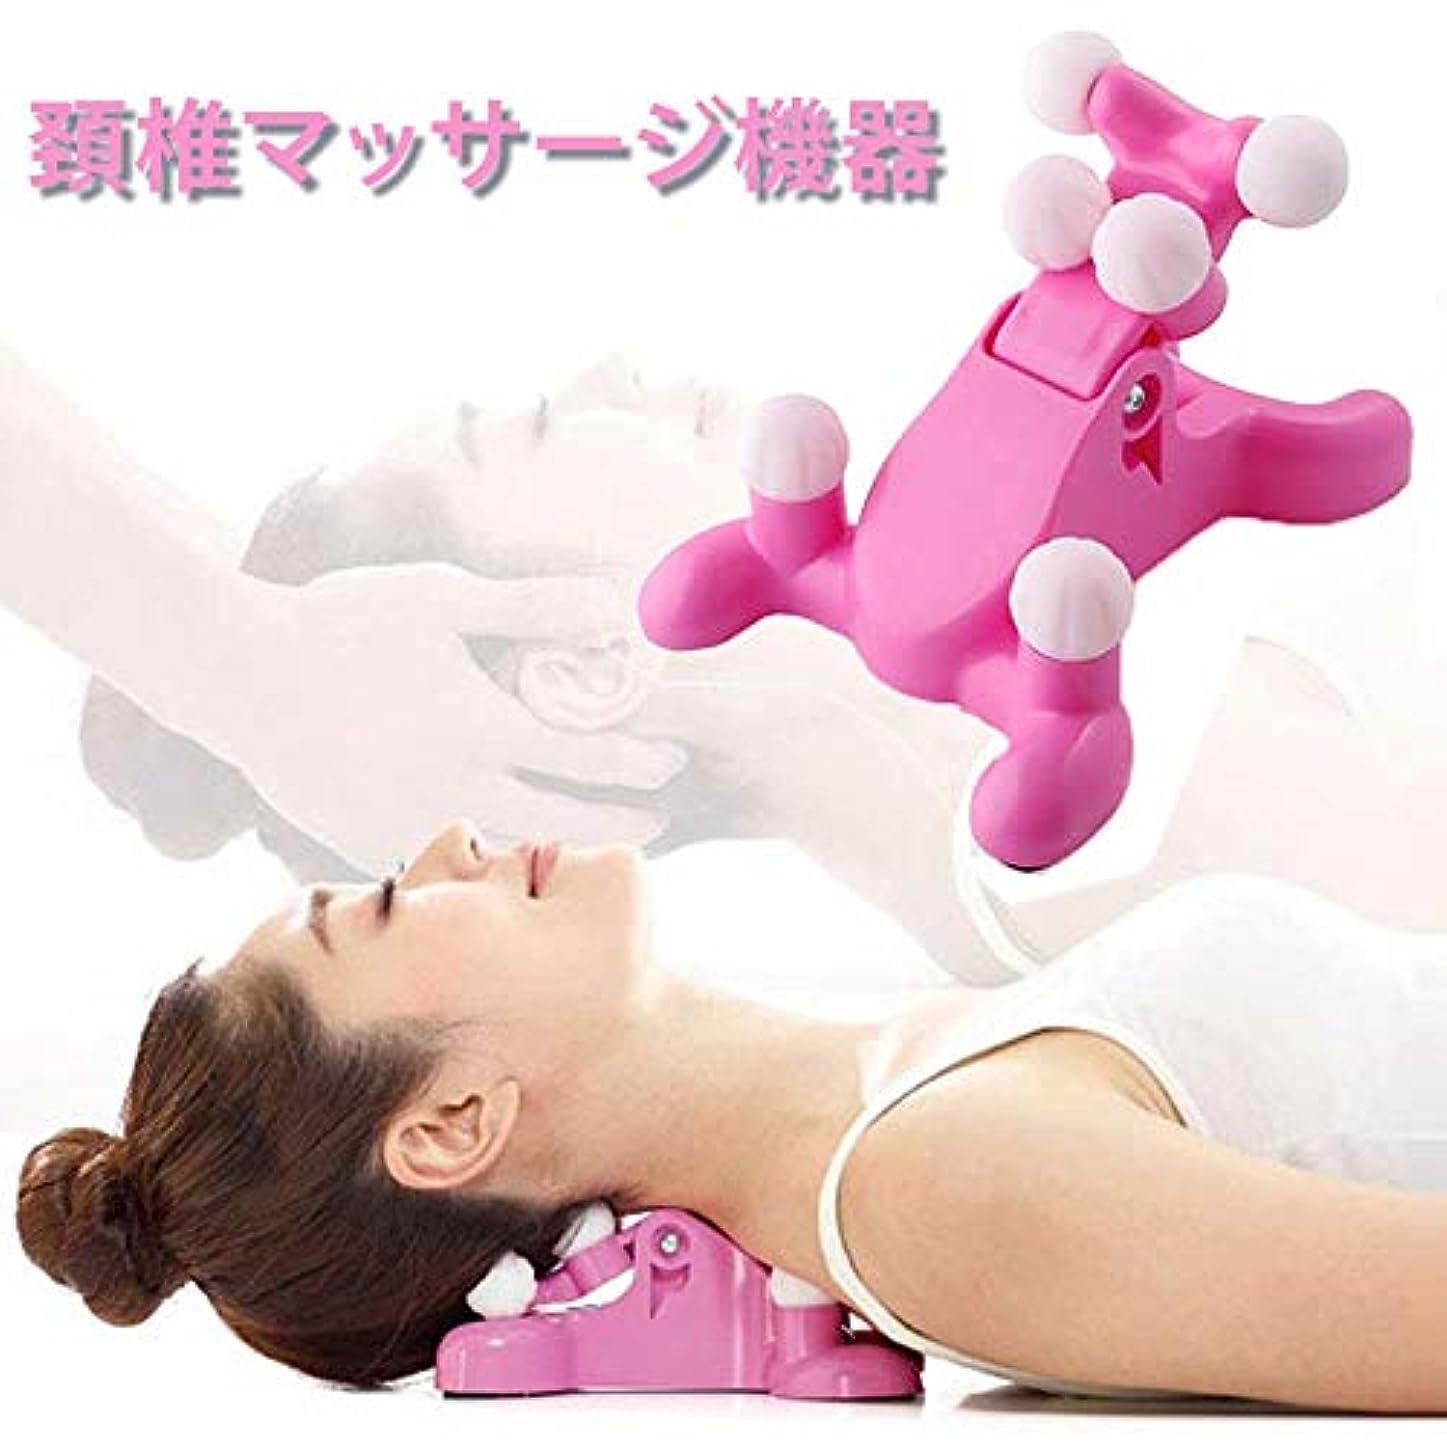 ラベ反対する香ばしい頚椎マッサージ機器家庭用マニュアルシリカゲルスージングデバイスネックマッサージ機器6点男性と女性の看護マッサージ器健康ツール